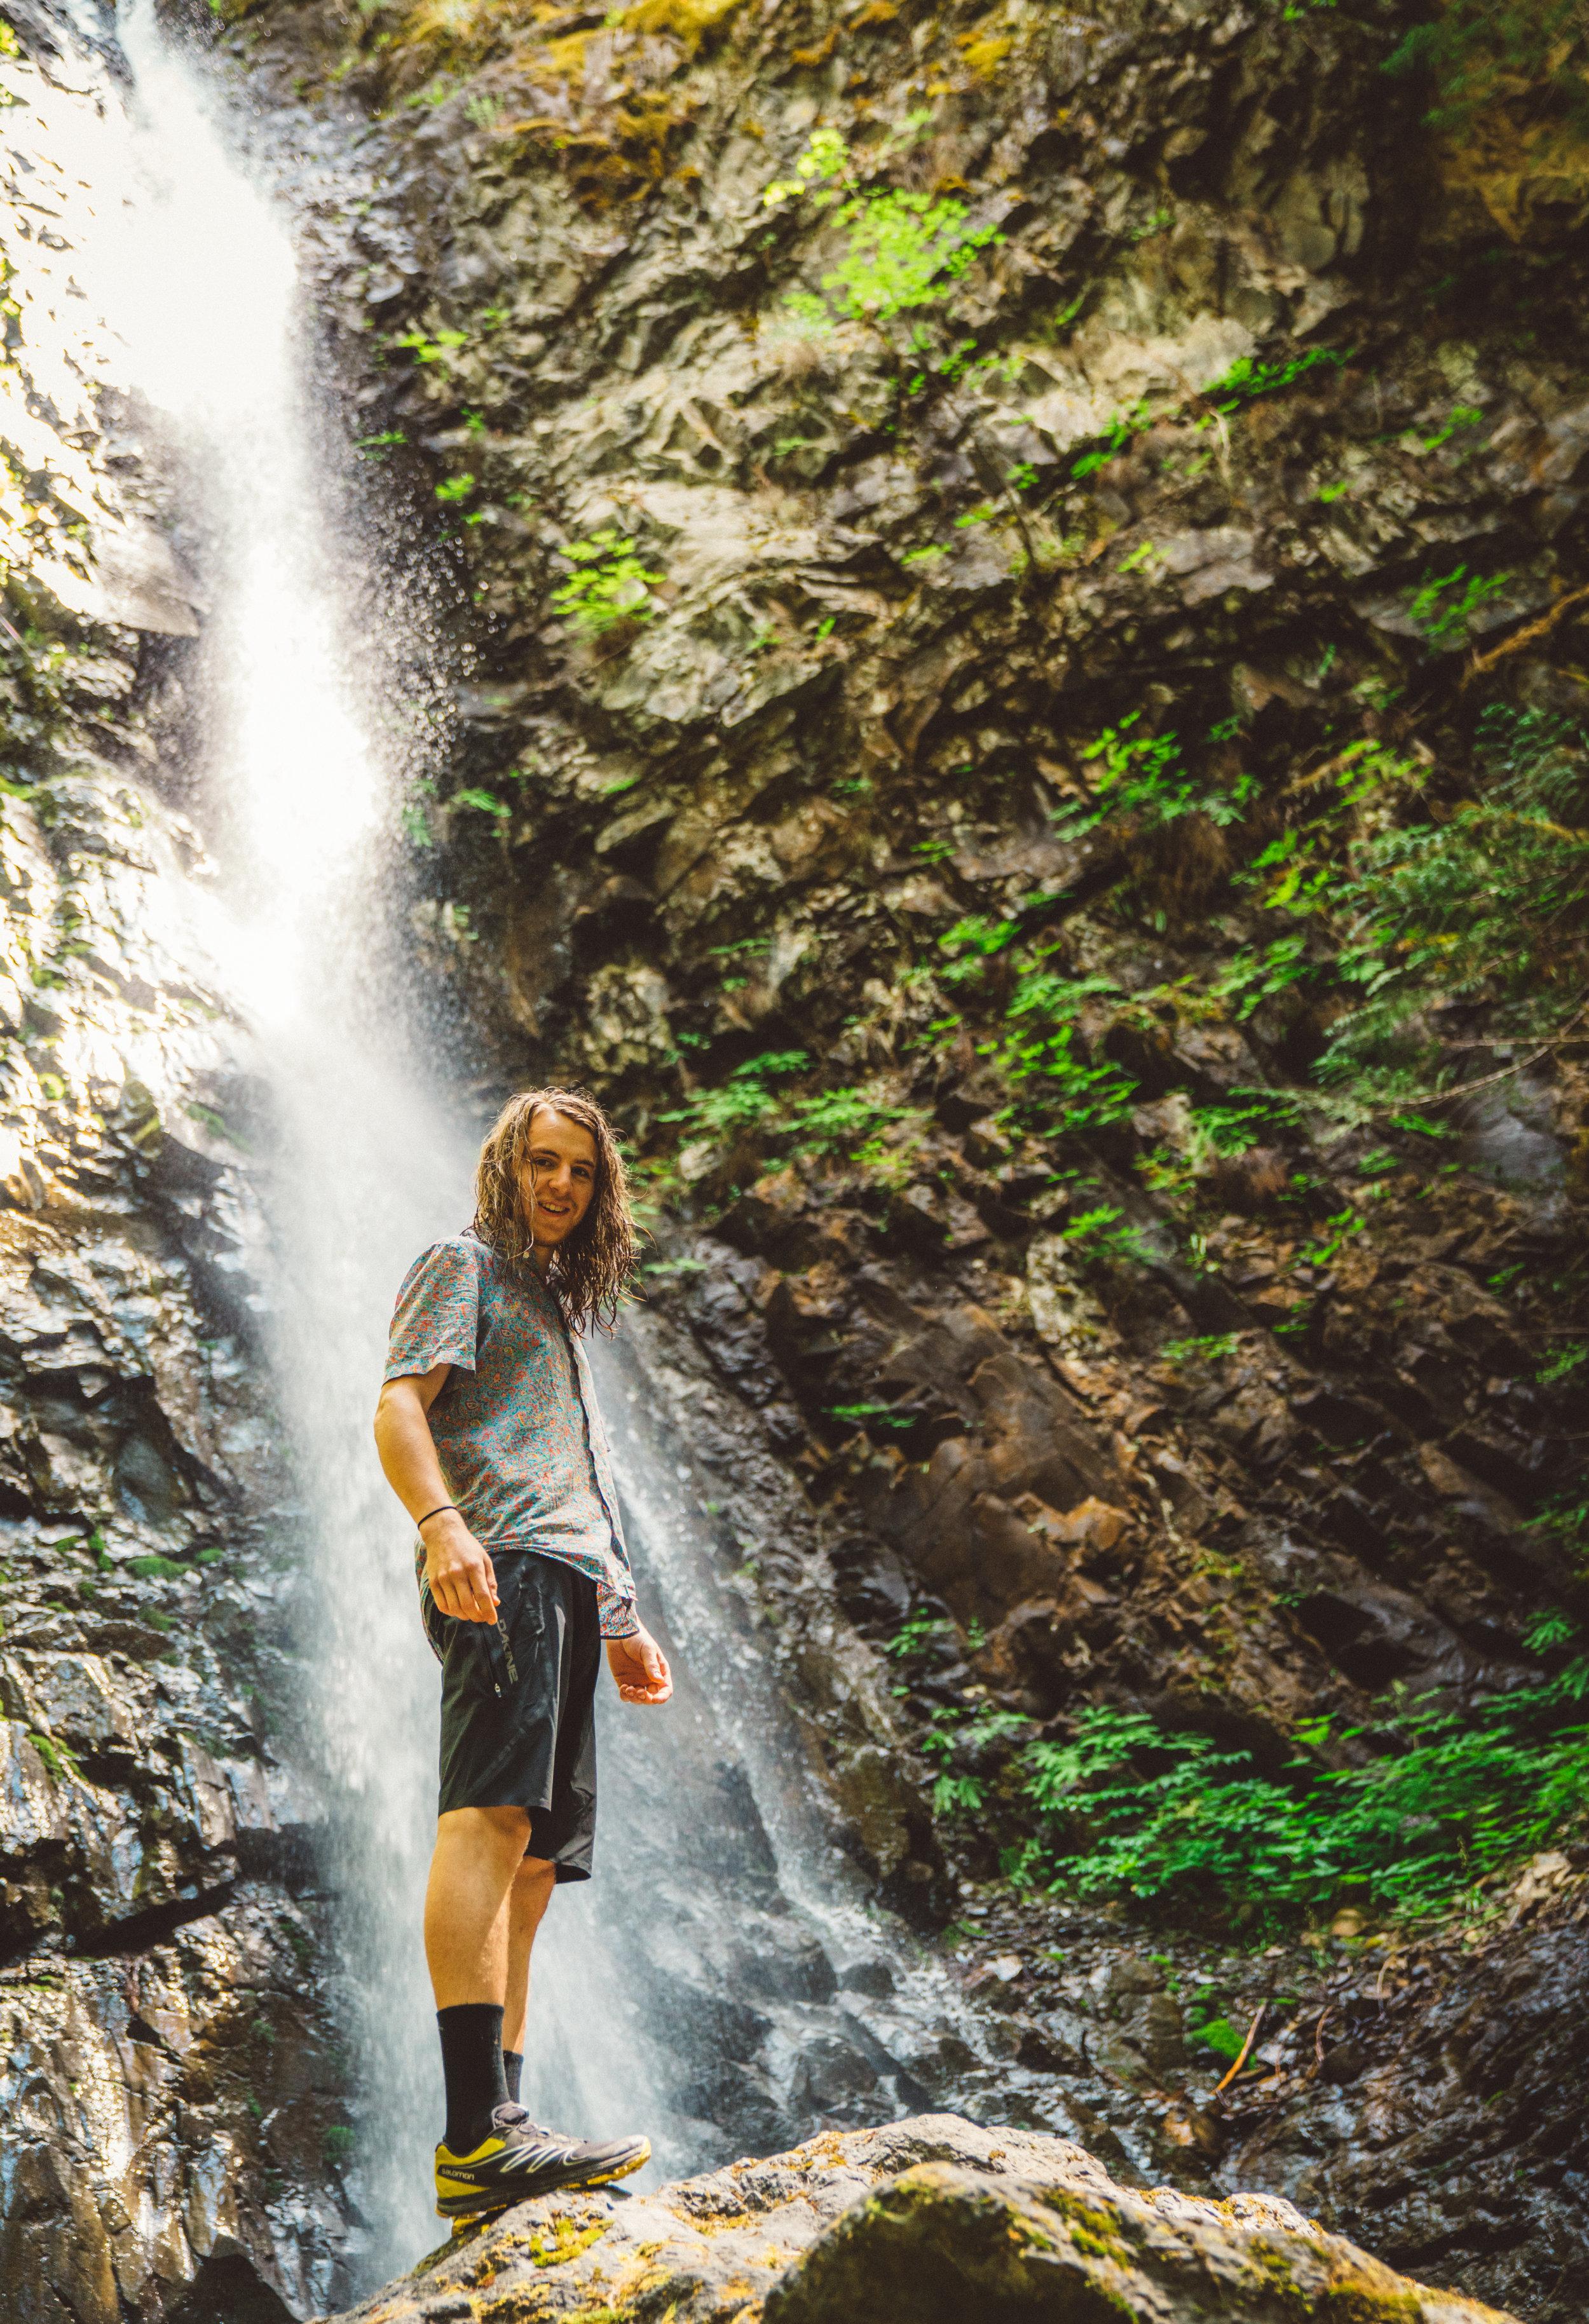 Grant at Lupin Falls.